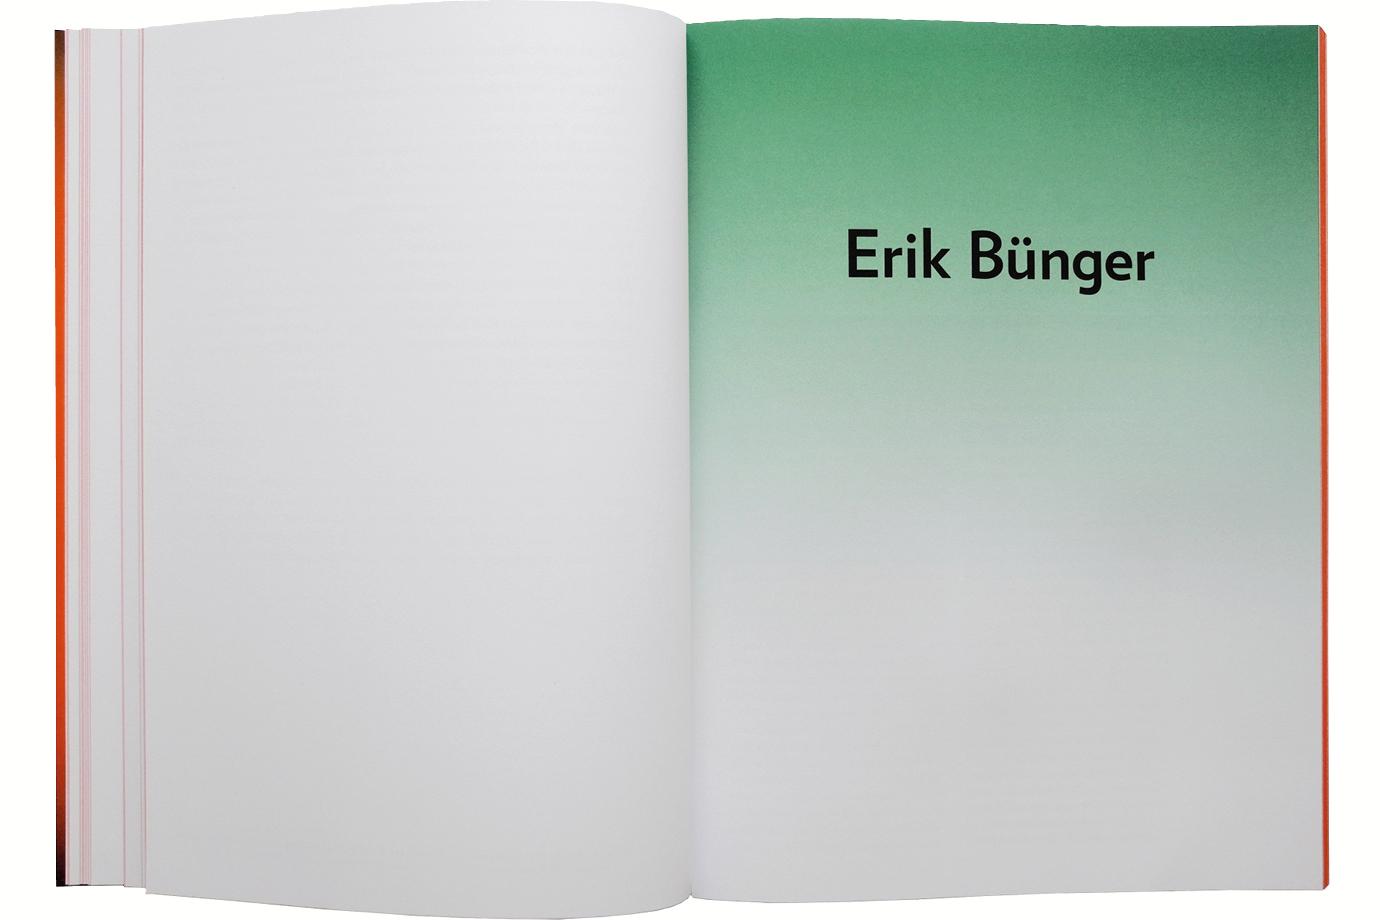 http://e-o-t.de/wordpress/wp-content/uploads/2017/07/eot-2011_Ars-Viva_Book_5.jpg